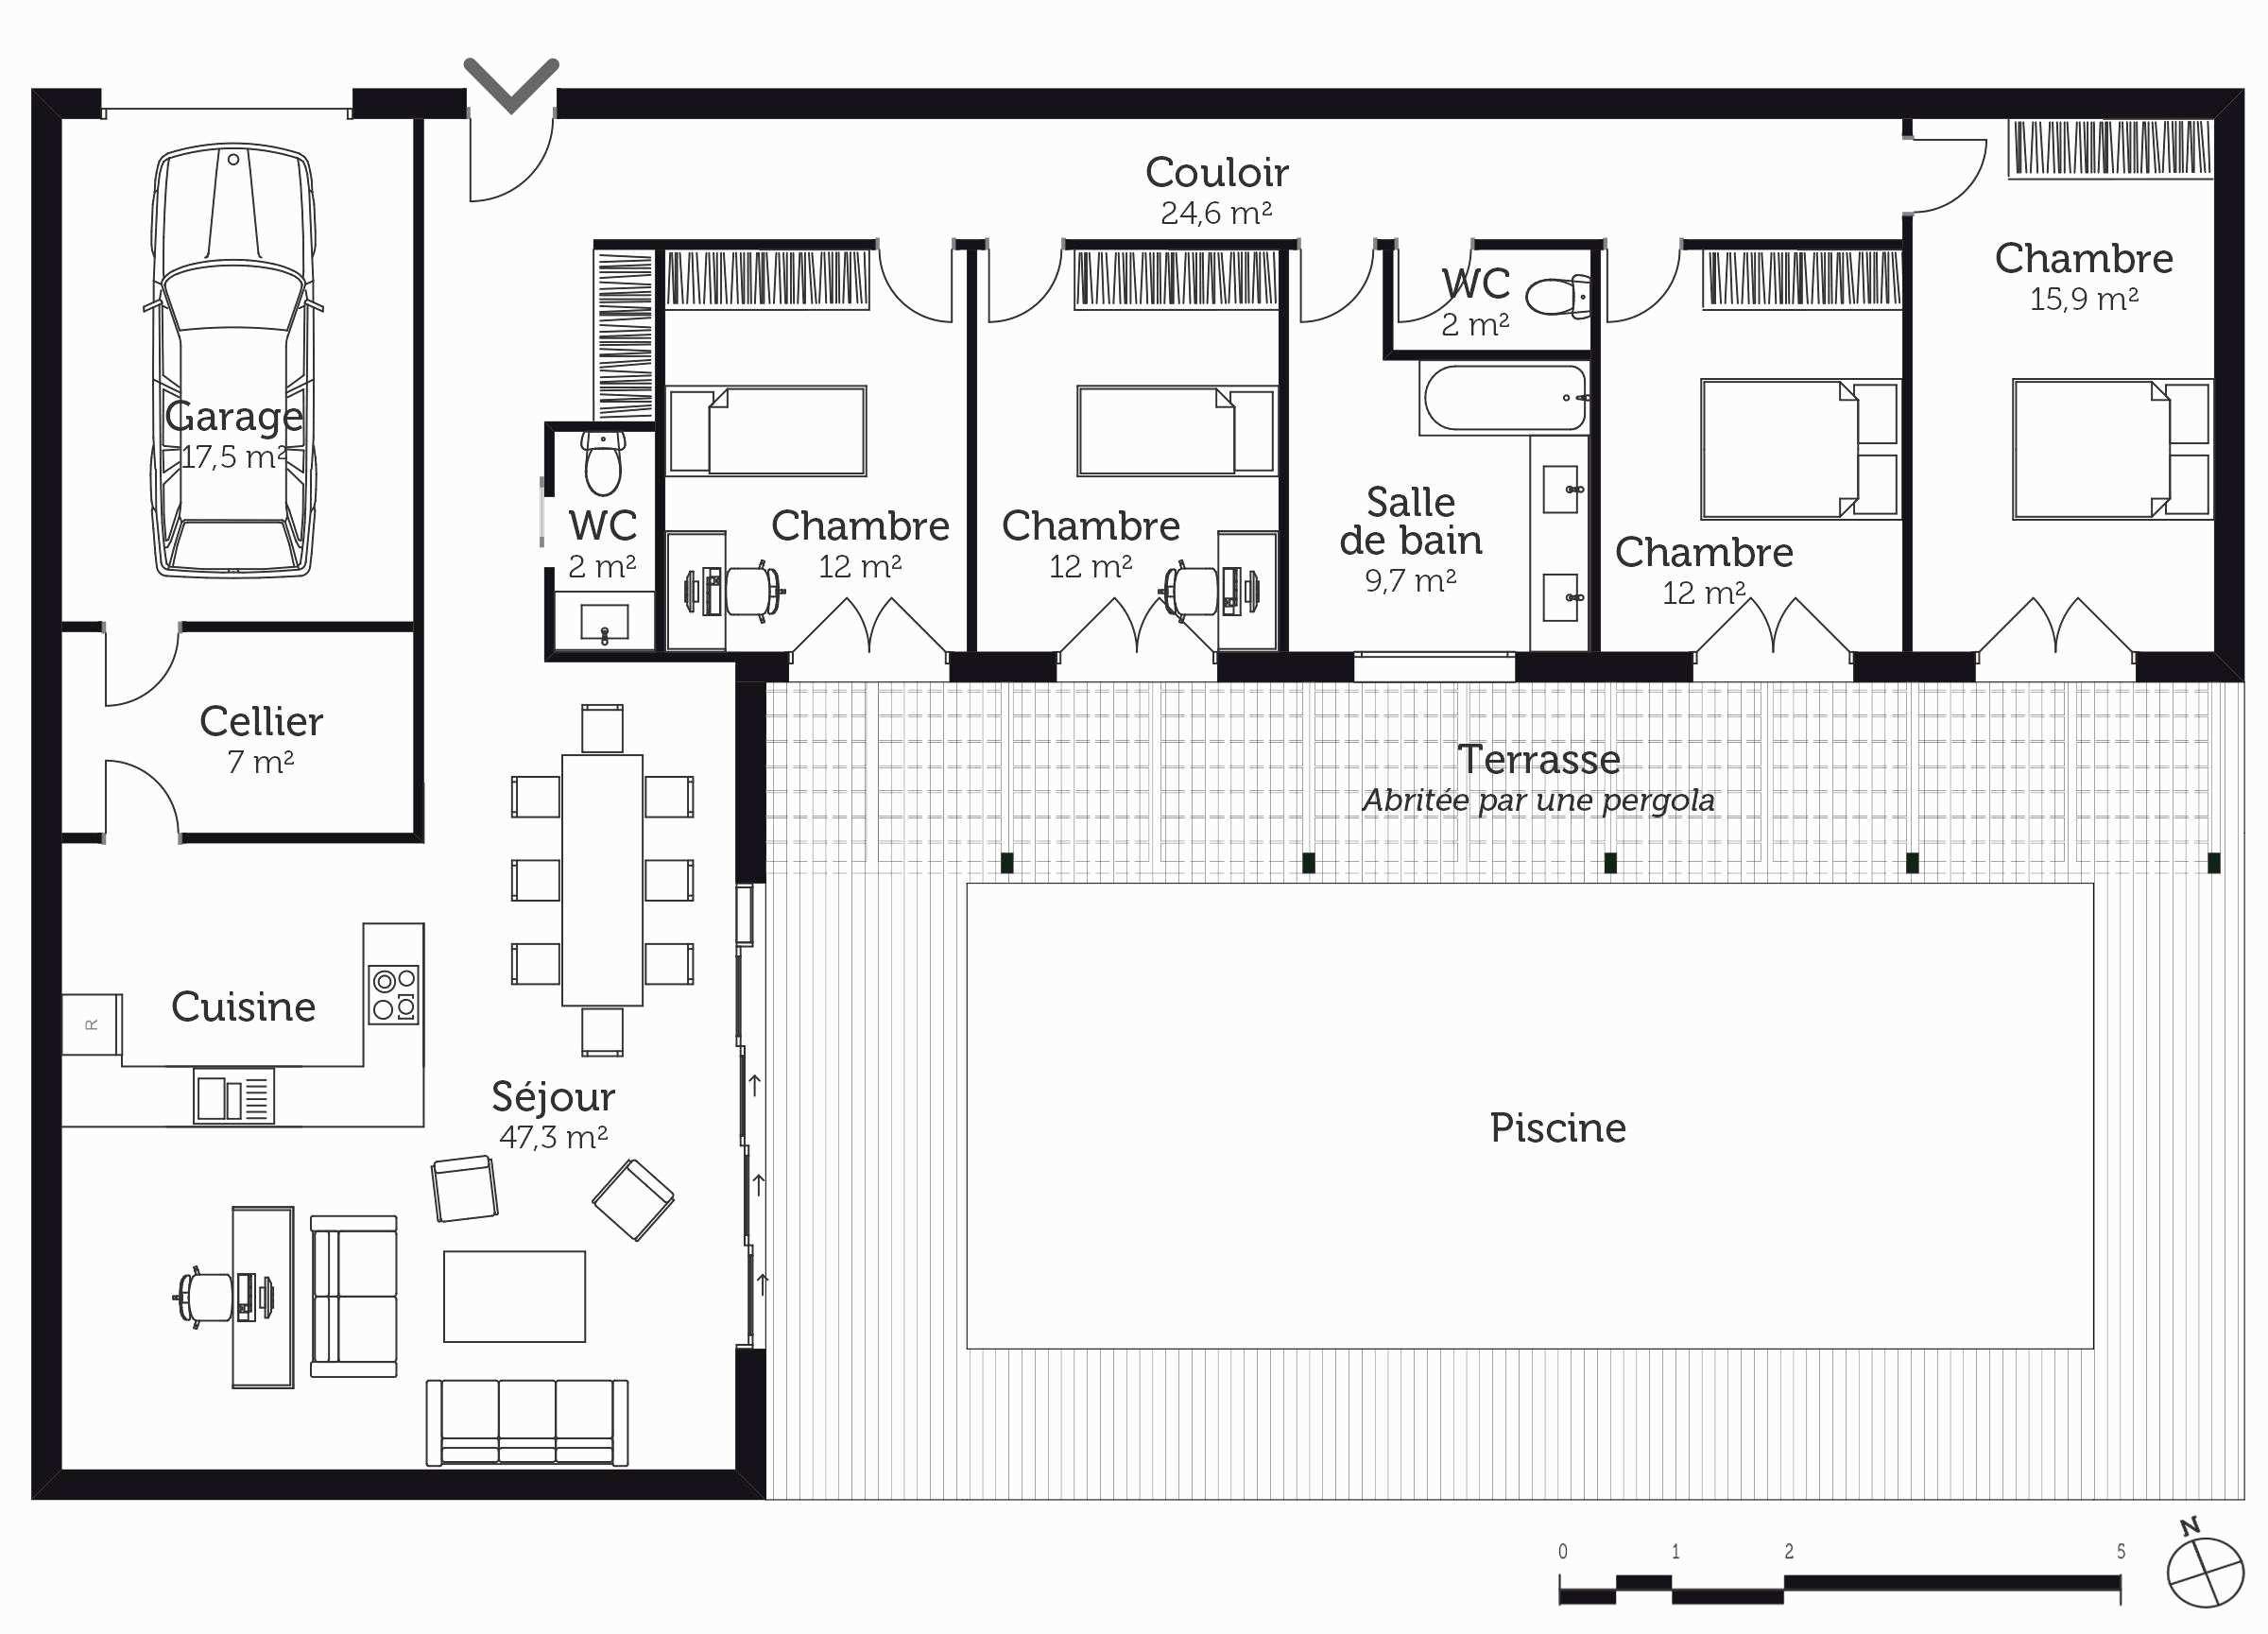 Créer son propre plan de maison gratuit - Idées de travaux